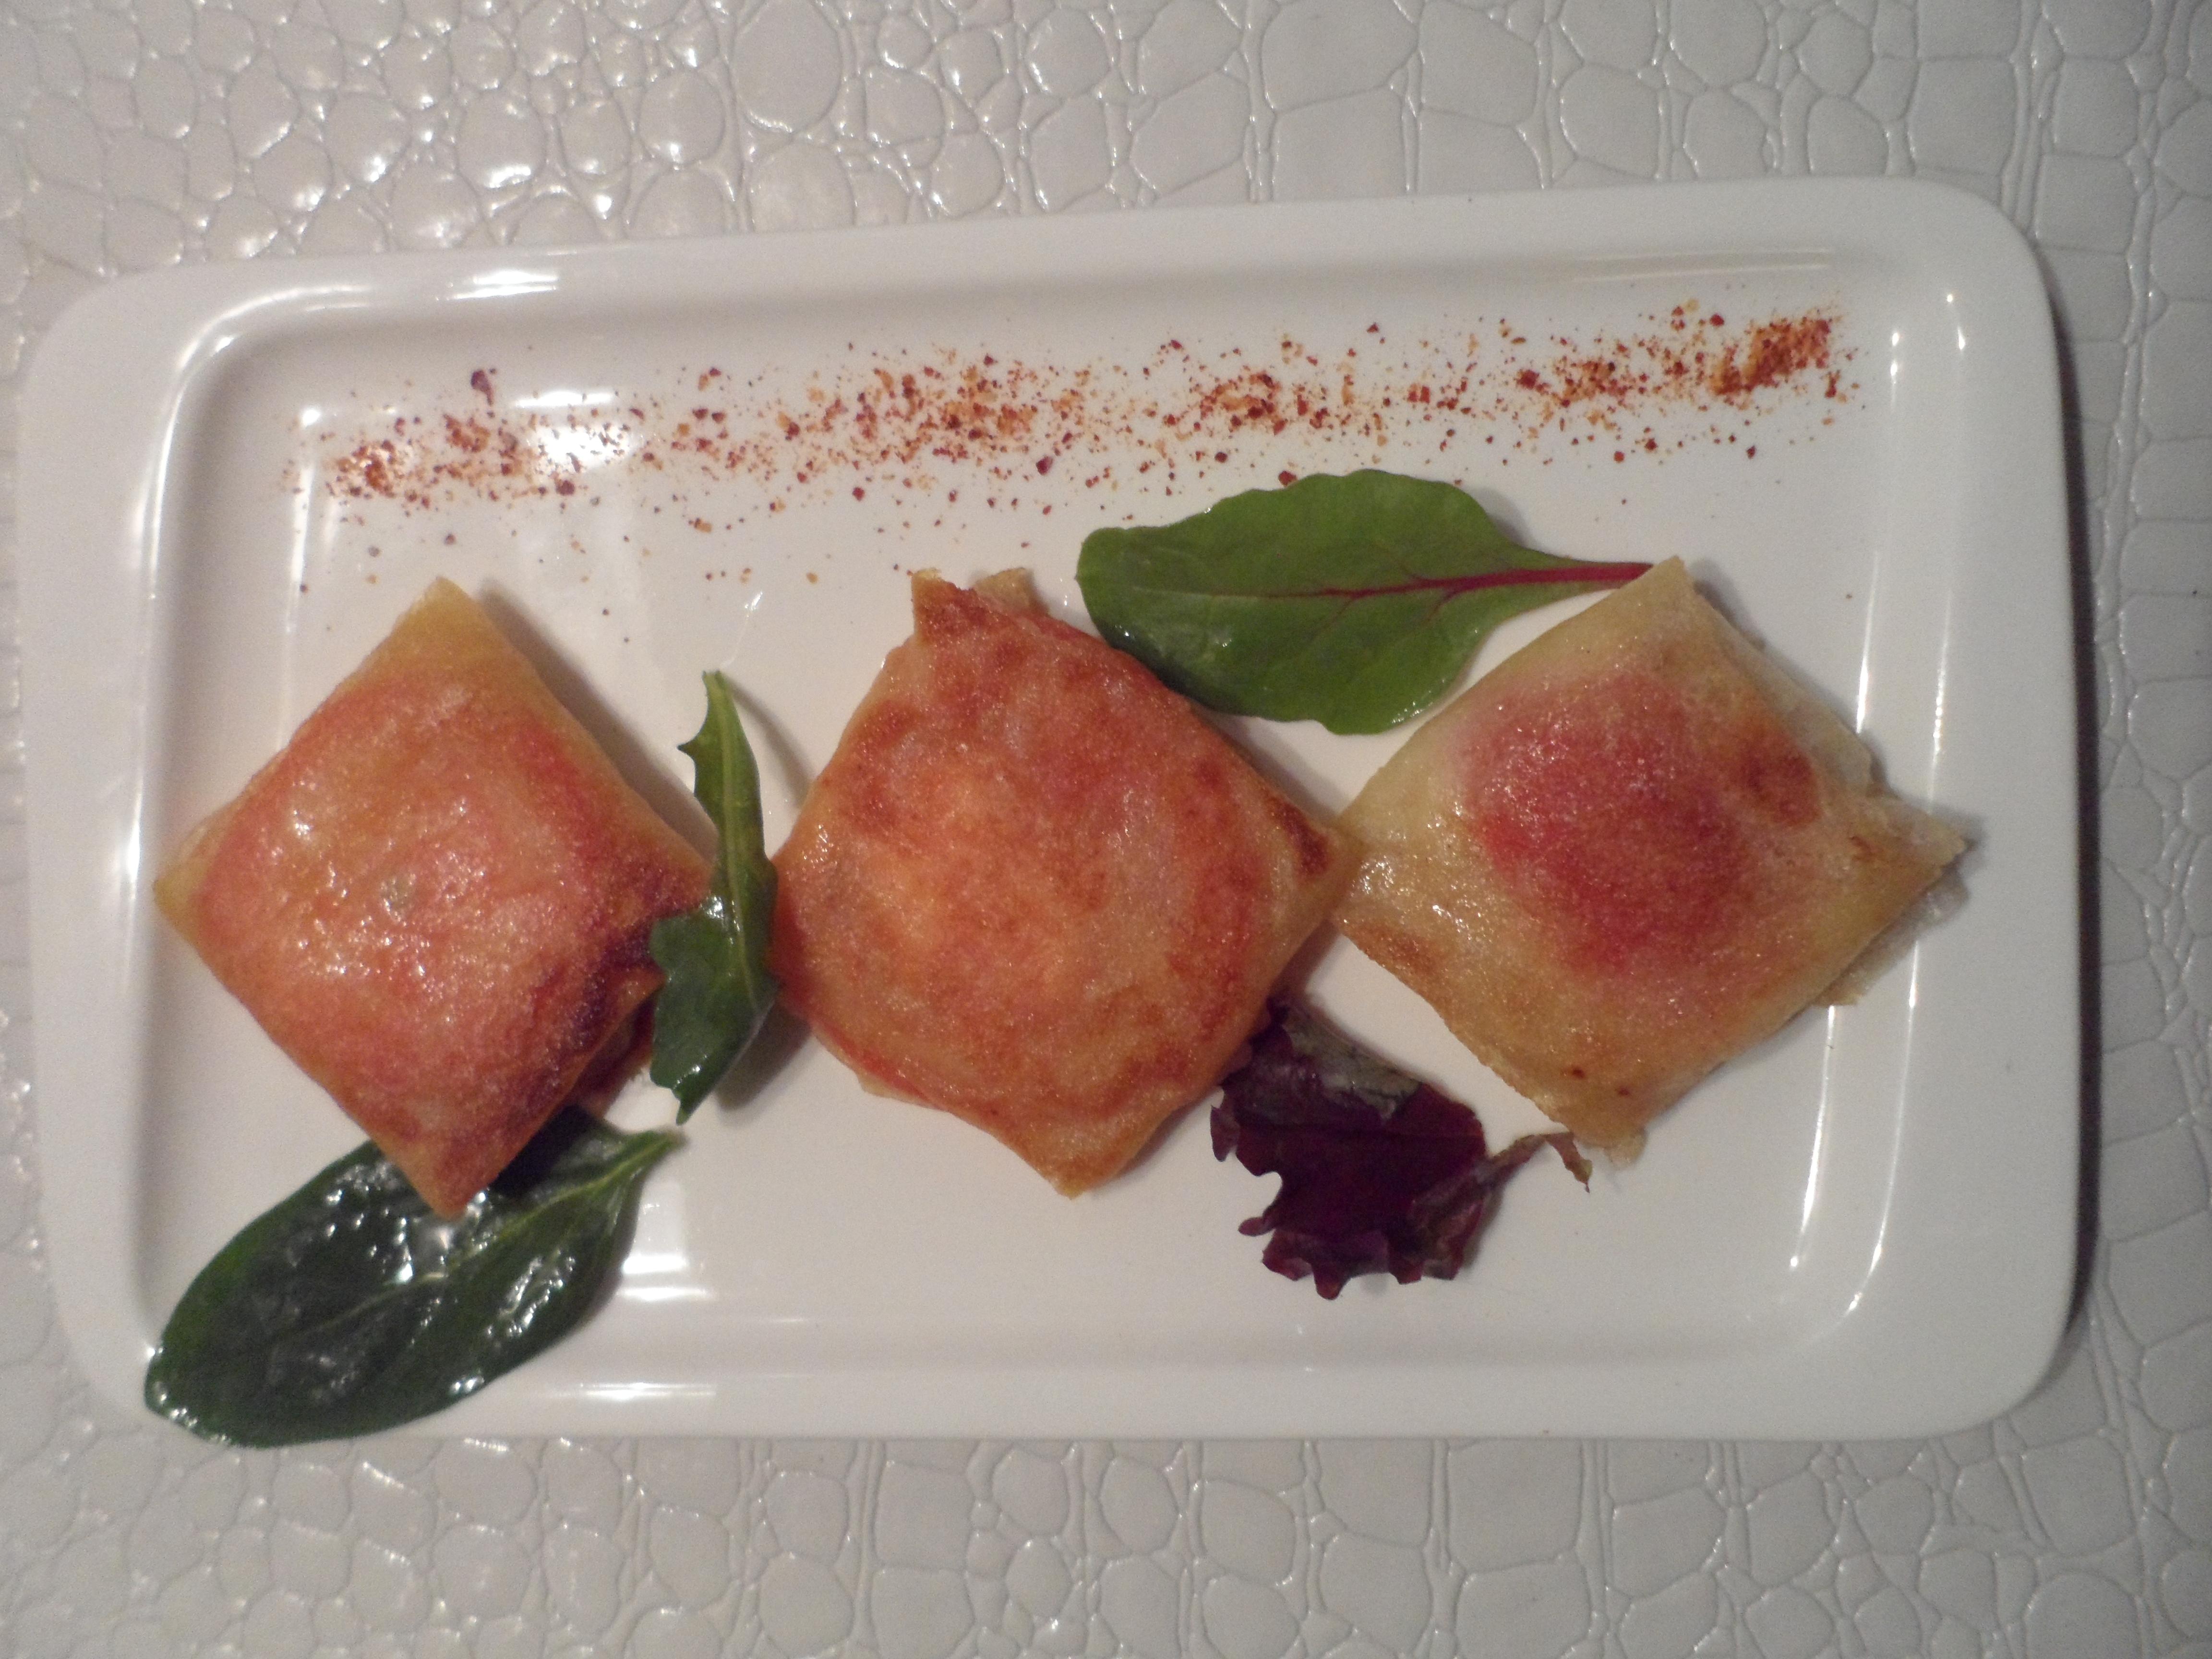 Brick de chèvre, miel, tomate et pointe de piment d'Espelett